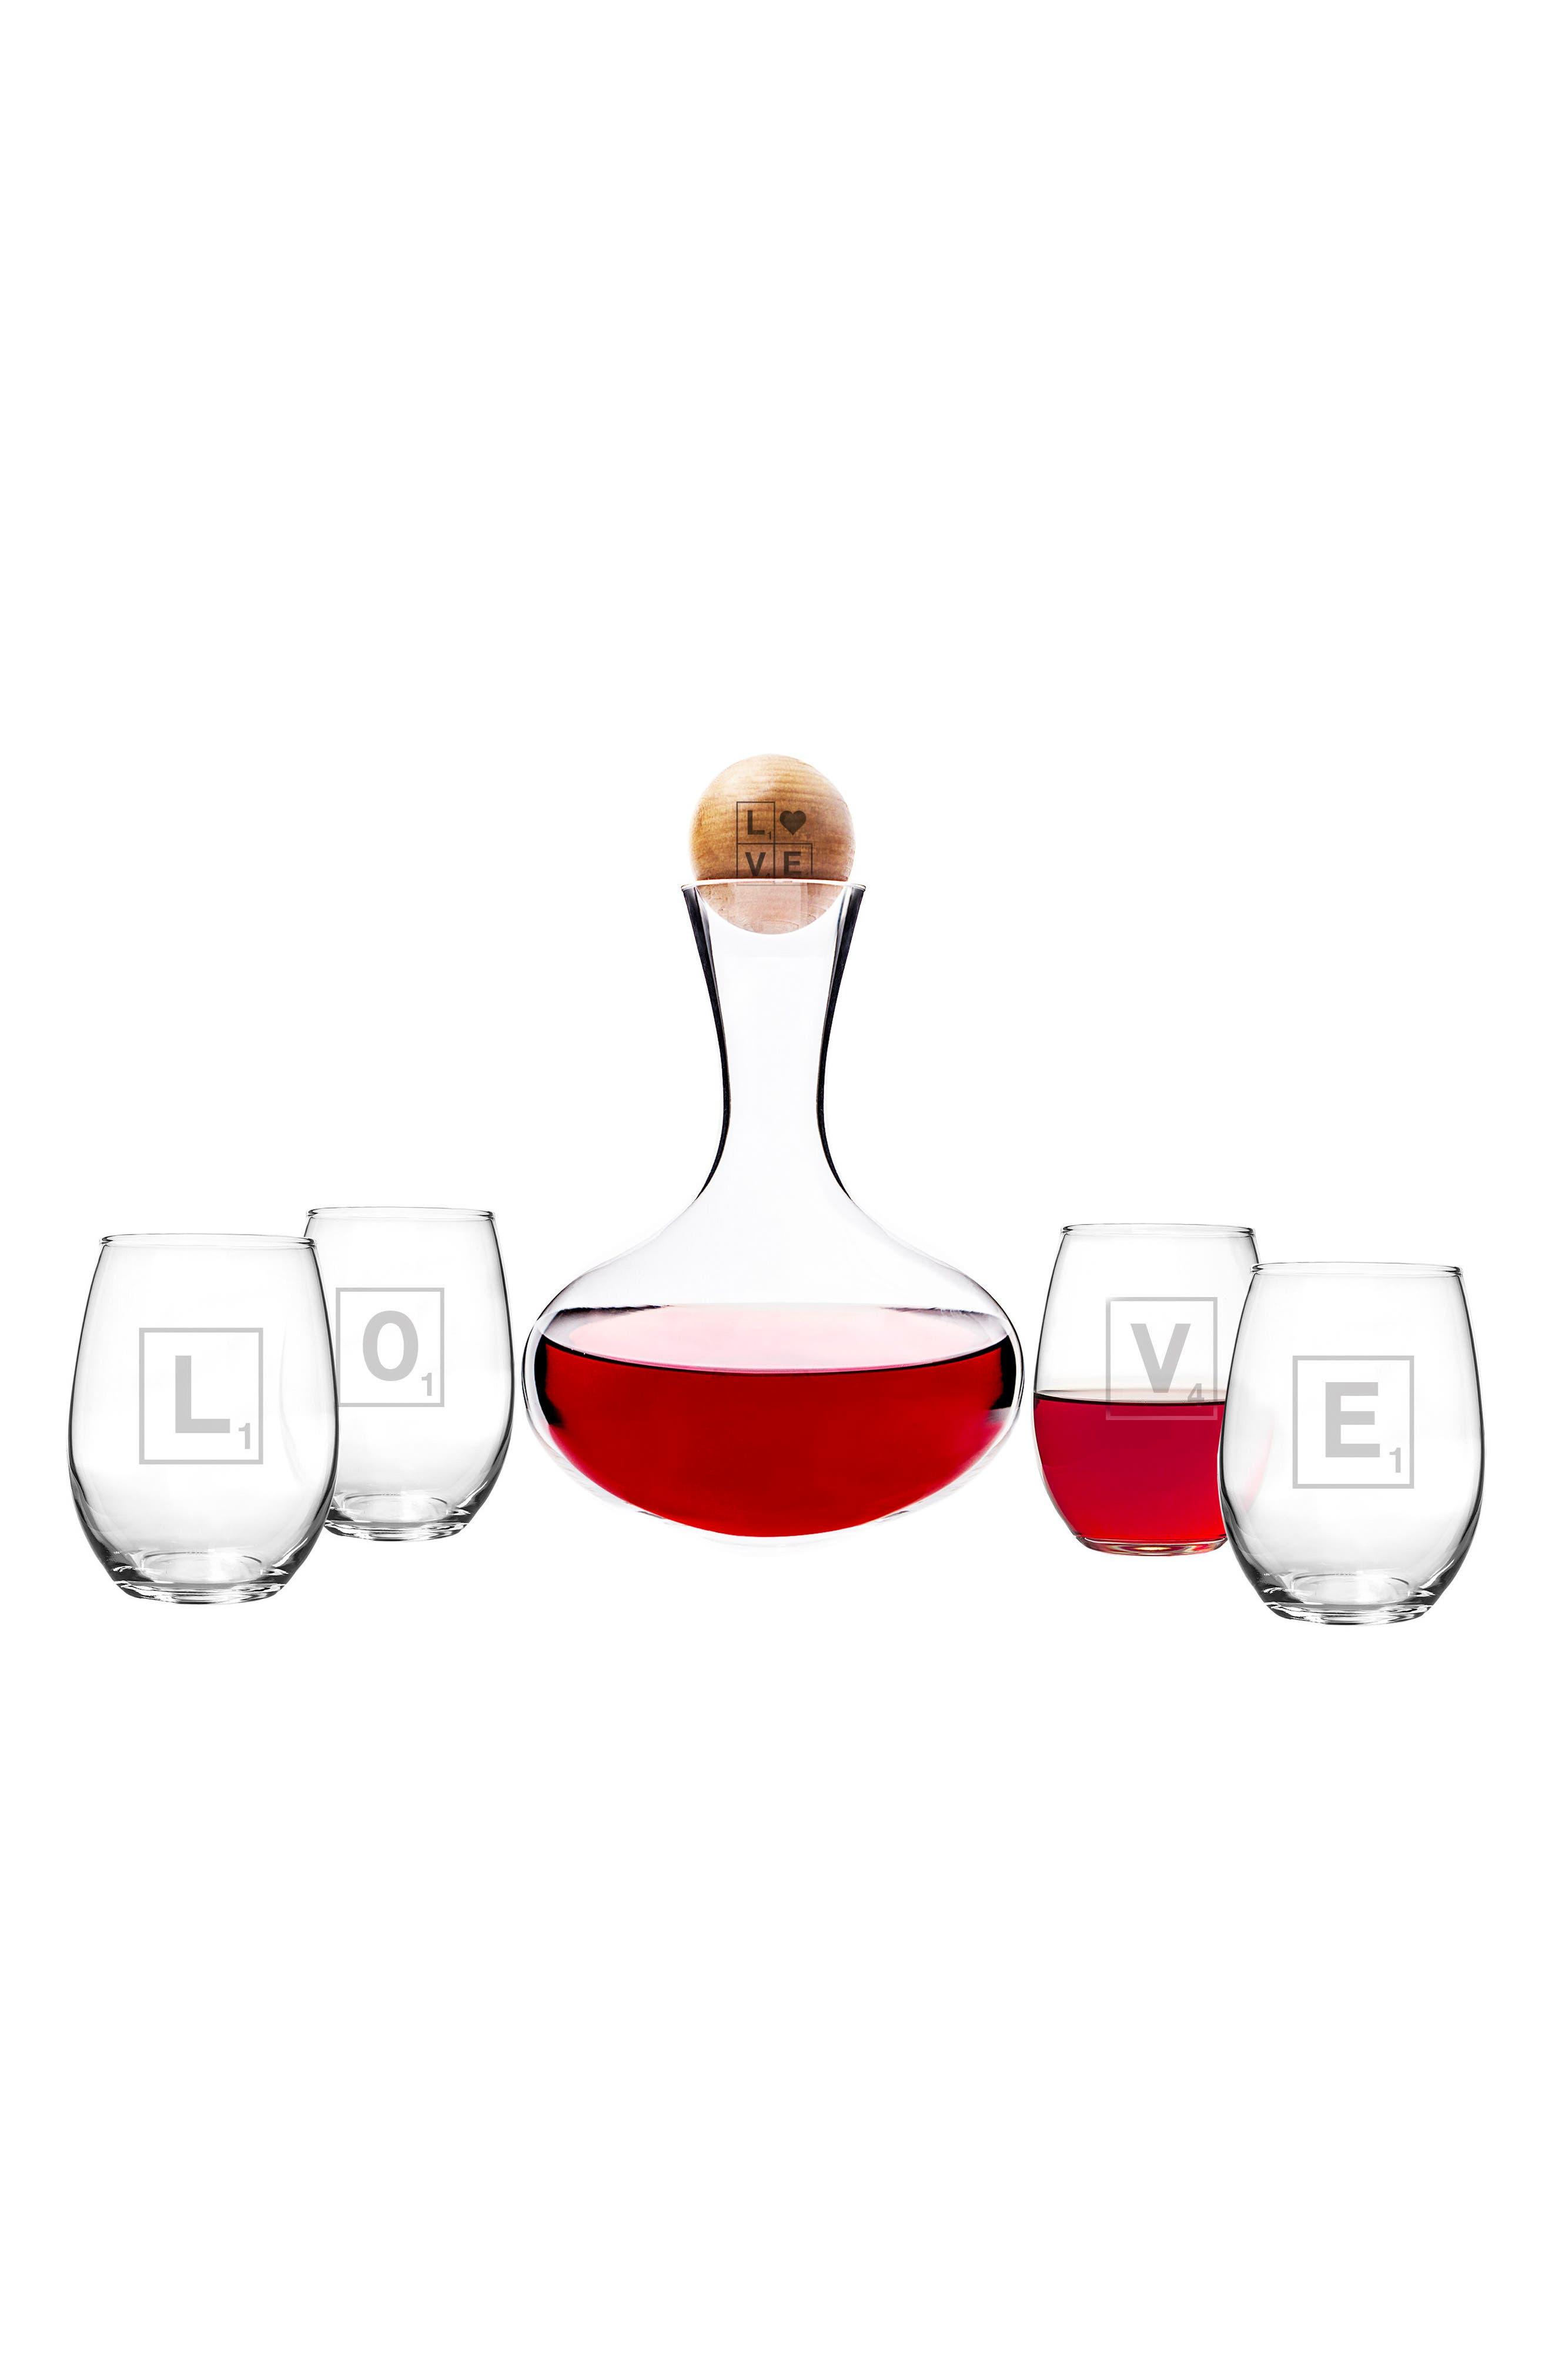 Valentine Glass 6-Piece Decanter & Glasses Set,                             Main thumbnail 2, color,